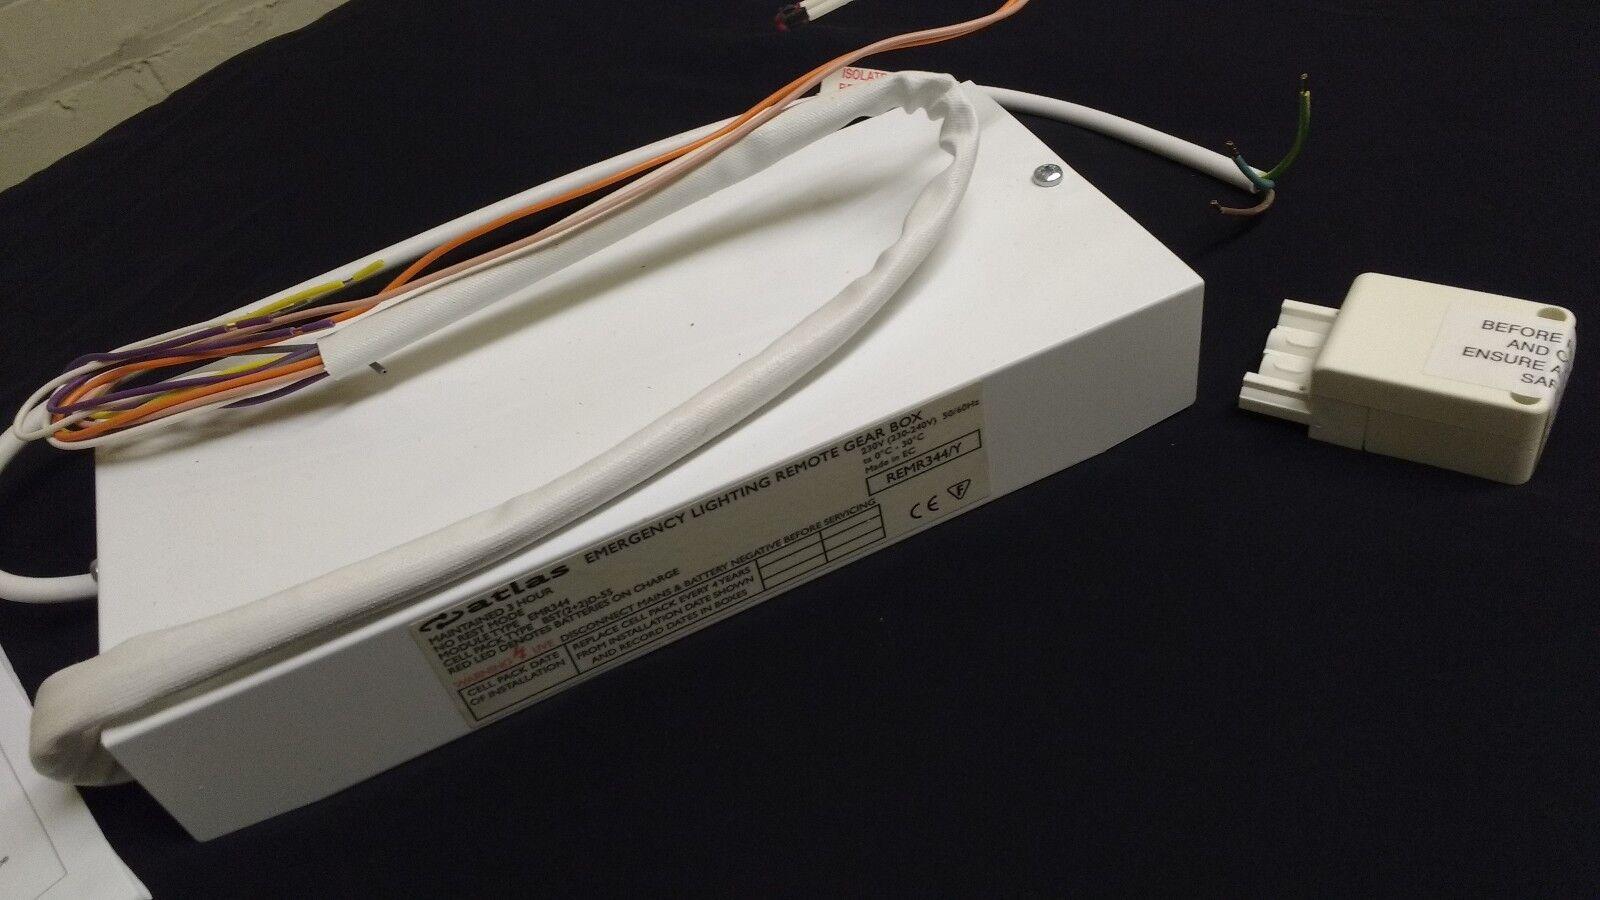 1 X Atlas REMR 344/Y de iluminación engranajes de emergencia remoto Caja de engranajes iluminación con cableado DS43 de 3 horas 37d789